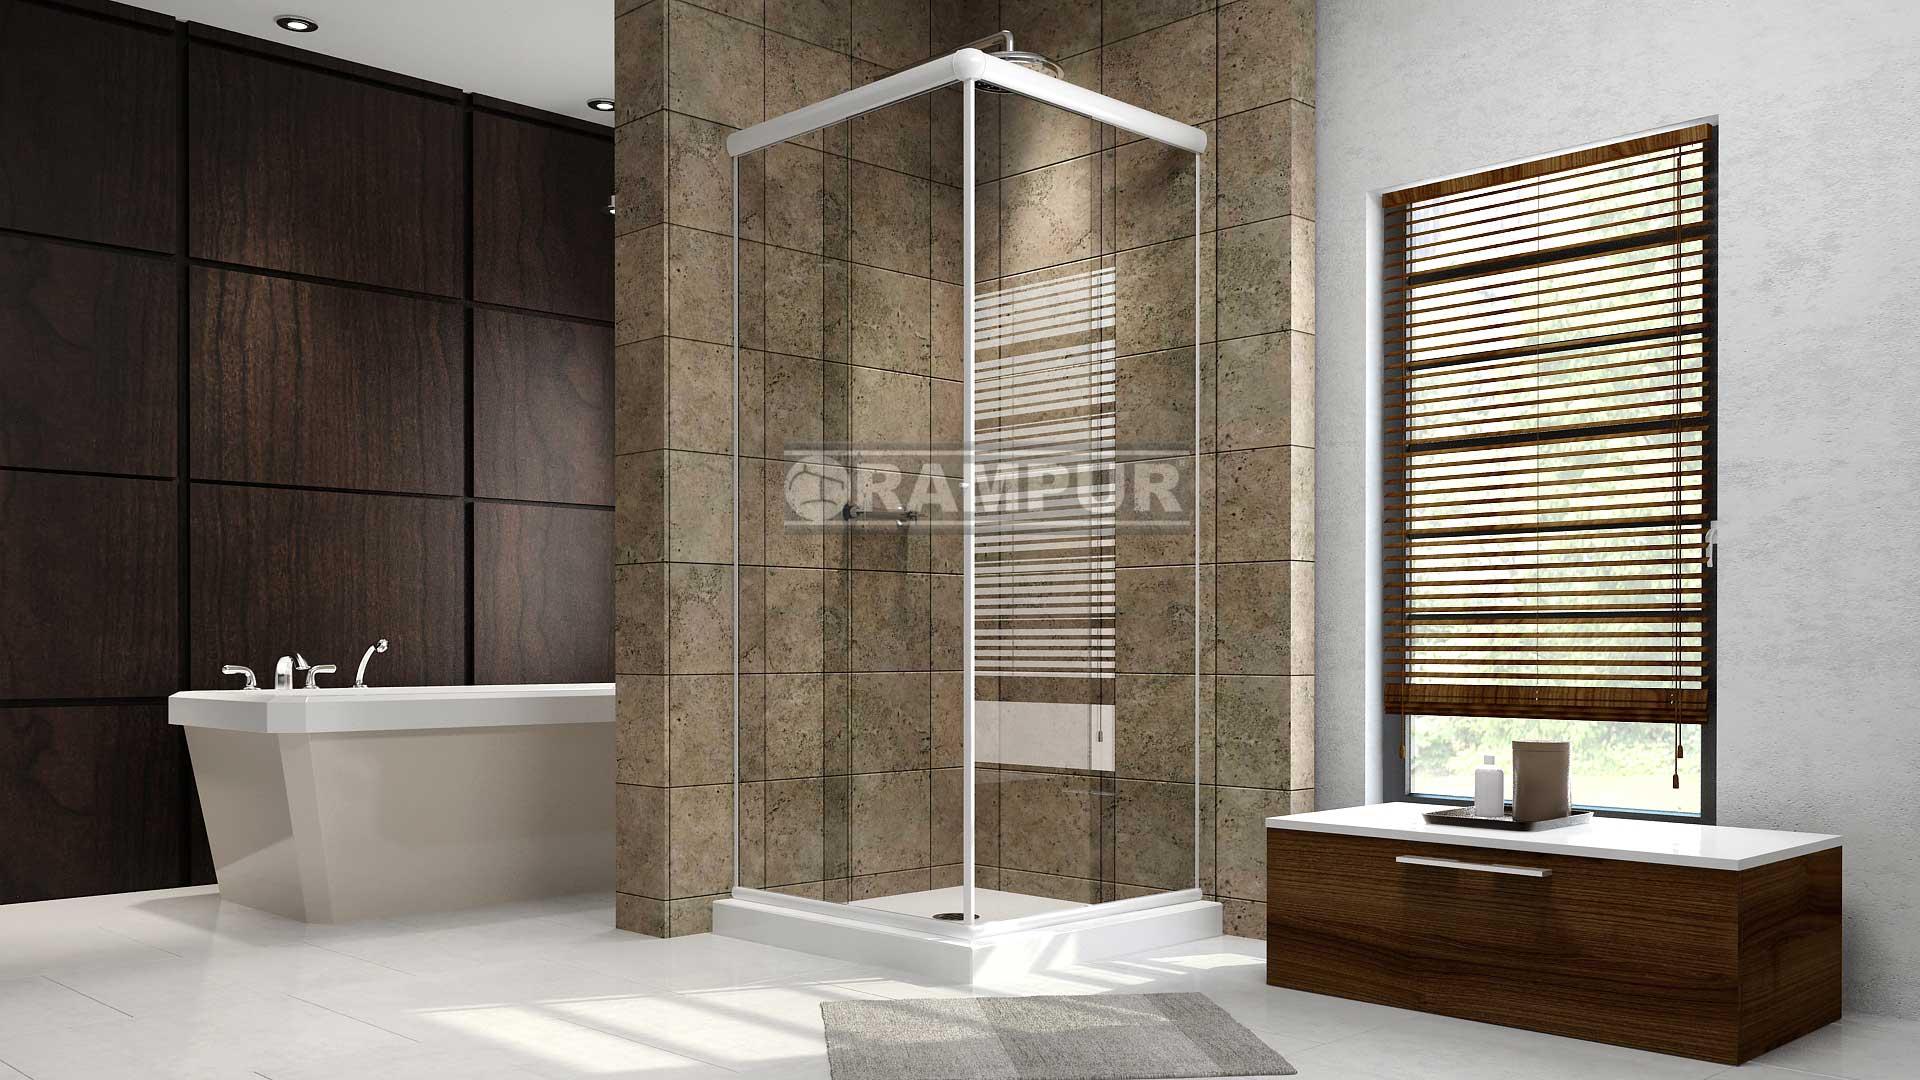 Rampur mampara de vidrio para ducha lanin est ndar Receptaculo ducha a medida